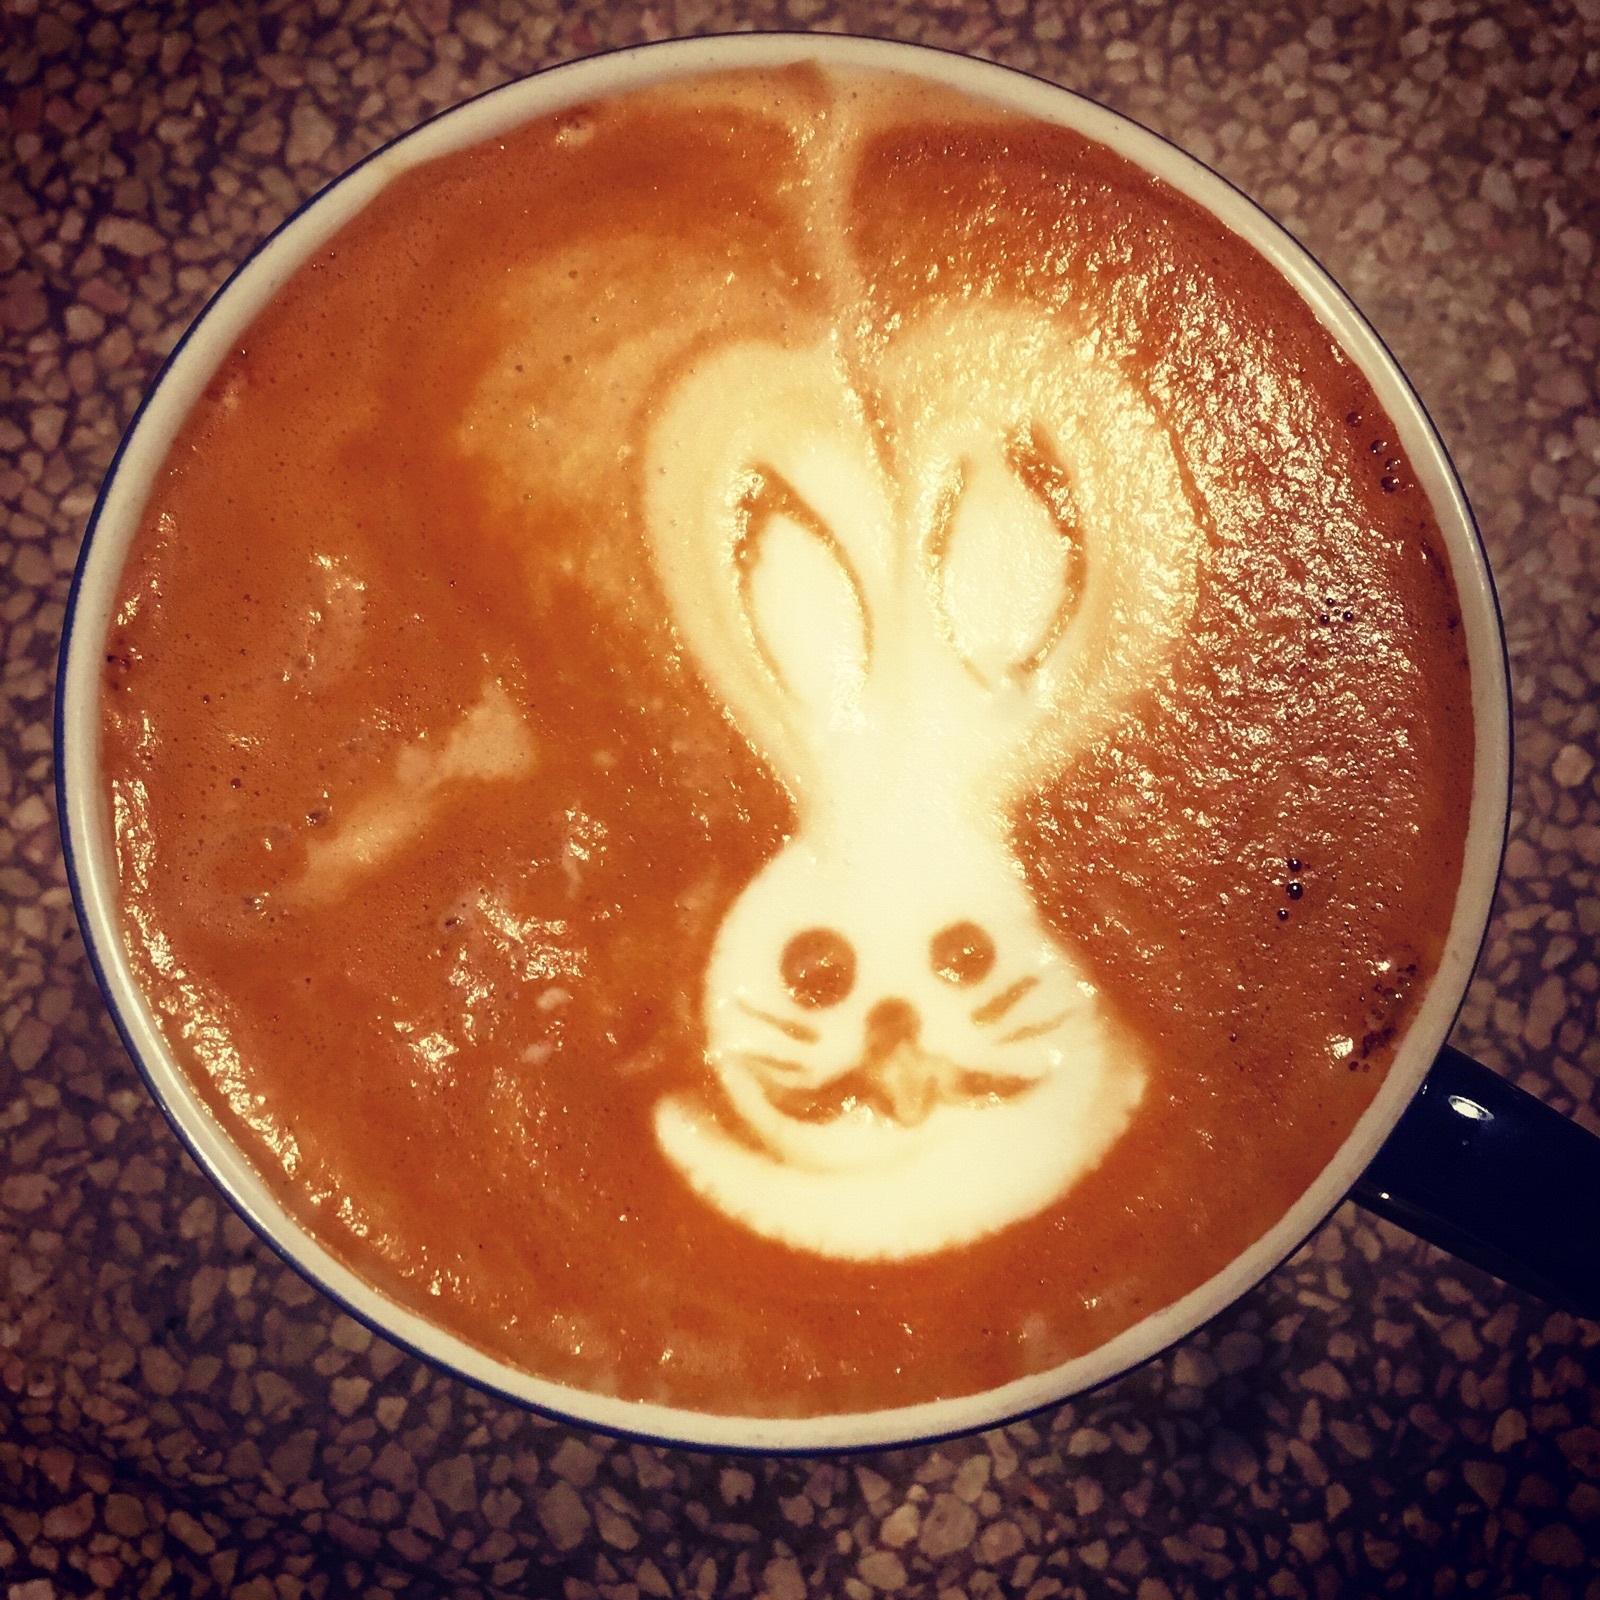 Easter Latte